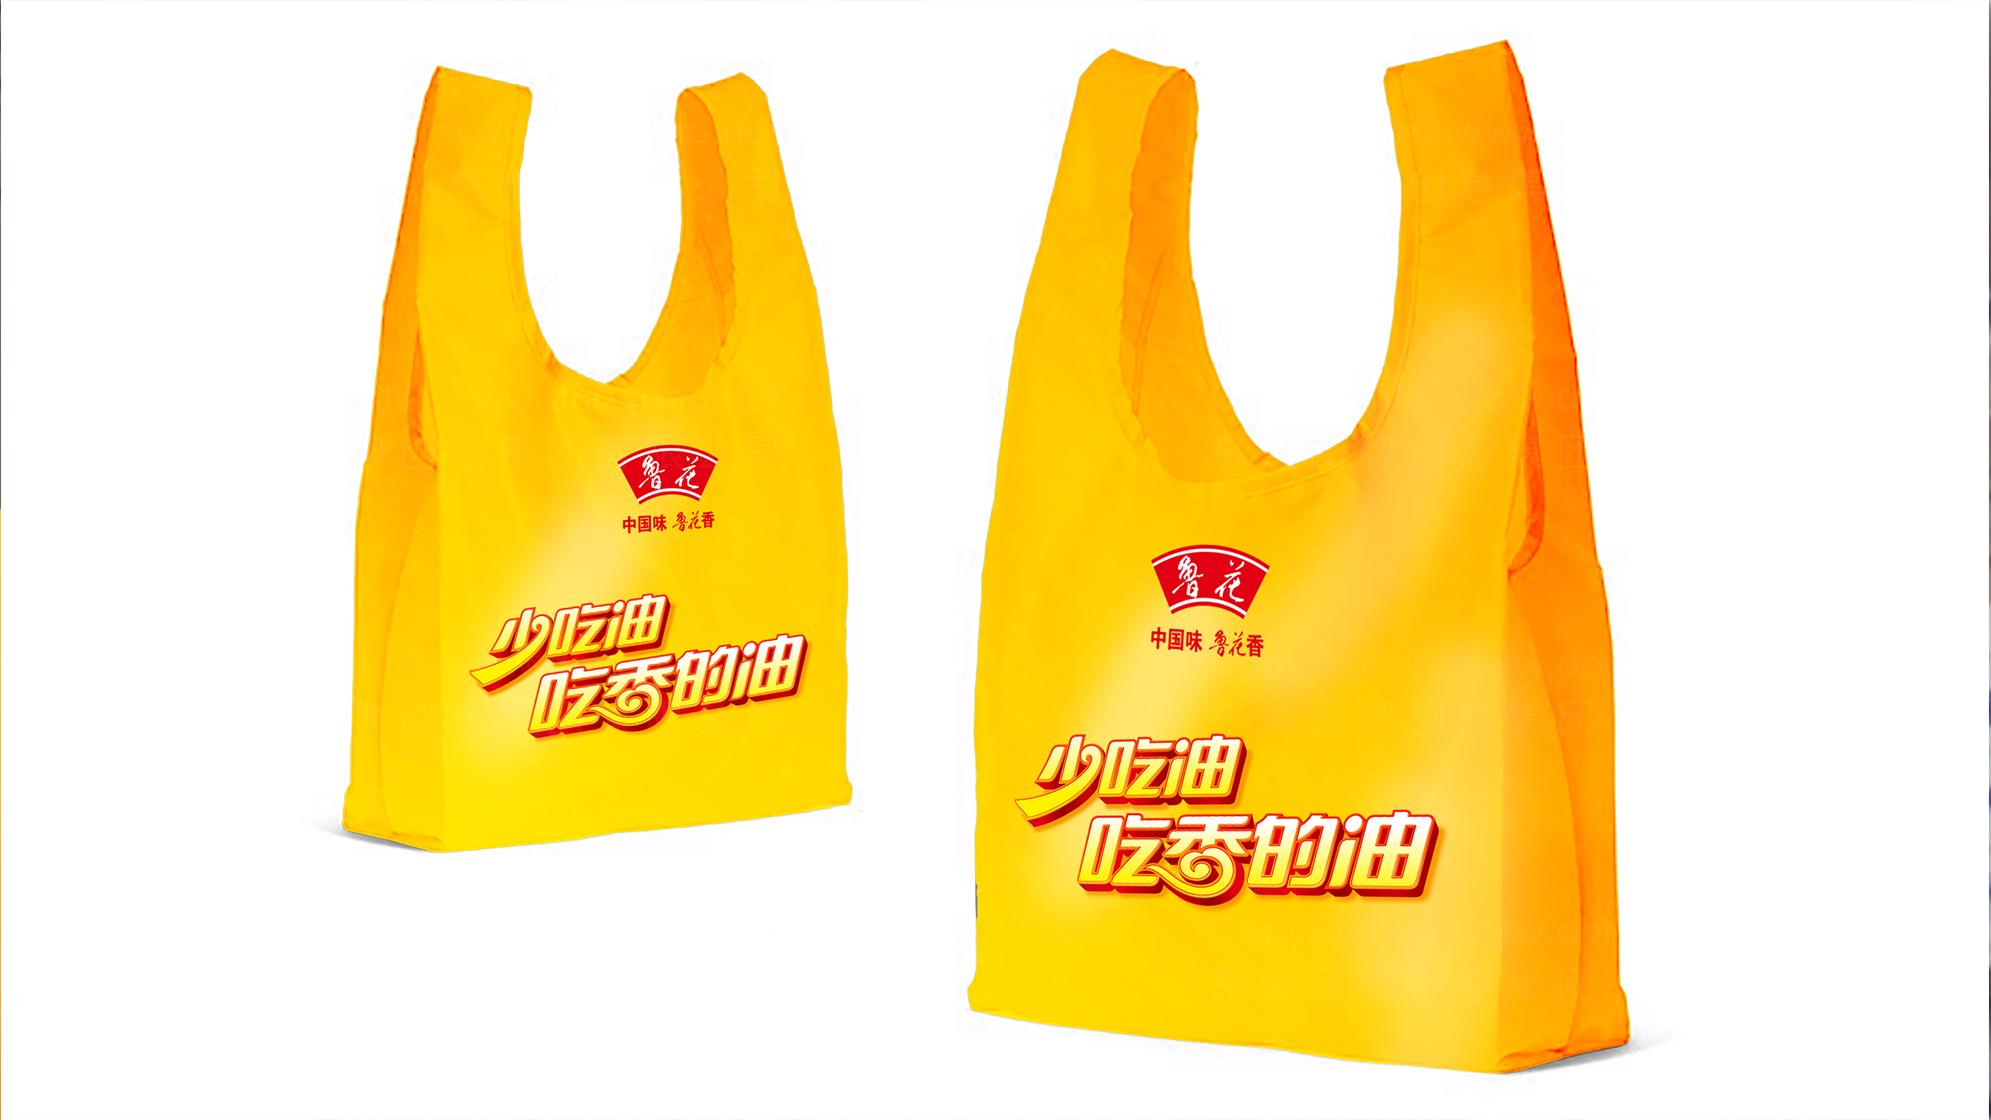 品牌设计鲁花LOGO&VI设计应用场景_3